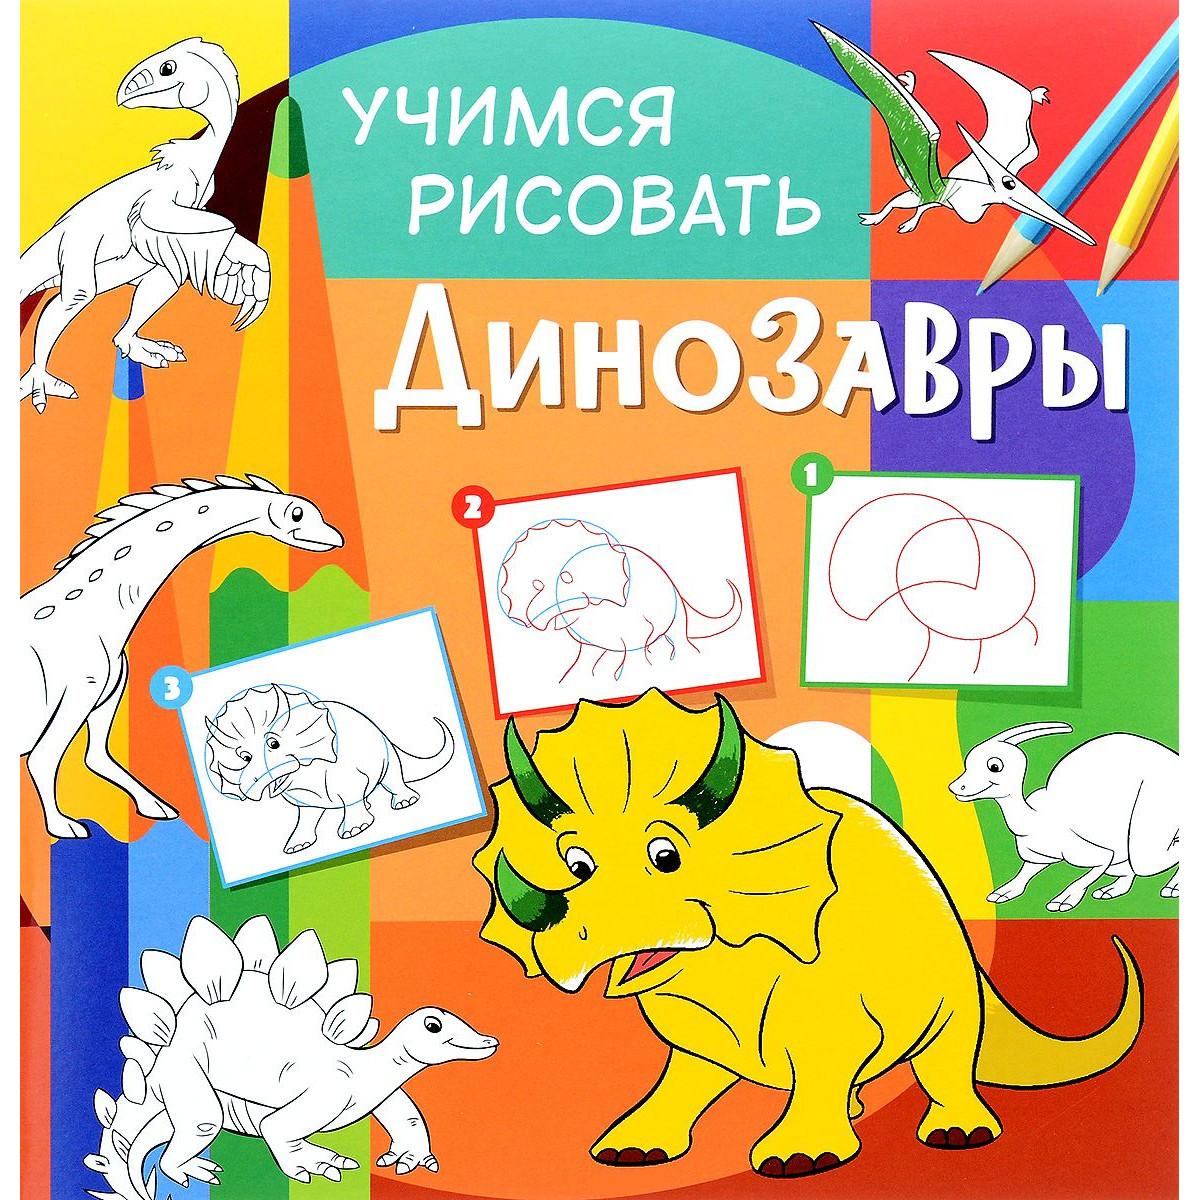 Книга - Учимся рисовать - ДинозаврыКниги для детского творчества<br>Книга - Учимся рисовать - Динозавры<br>